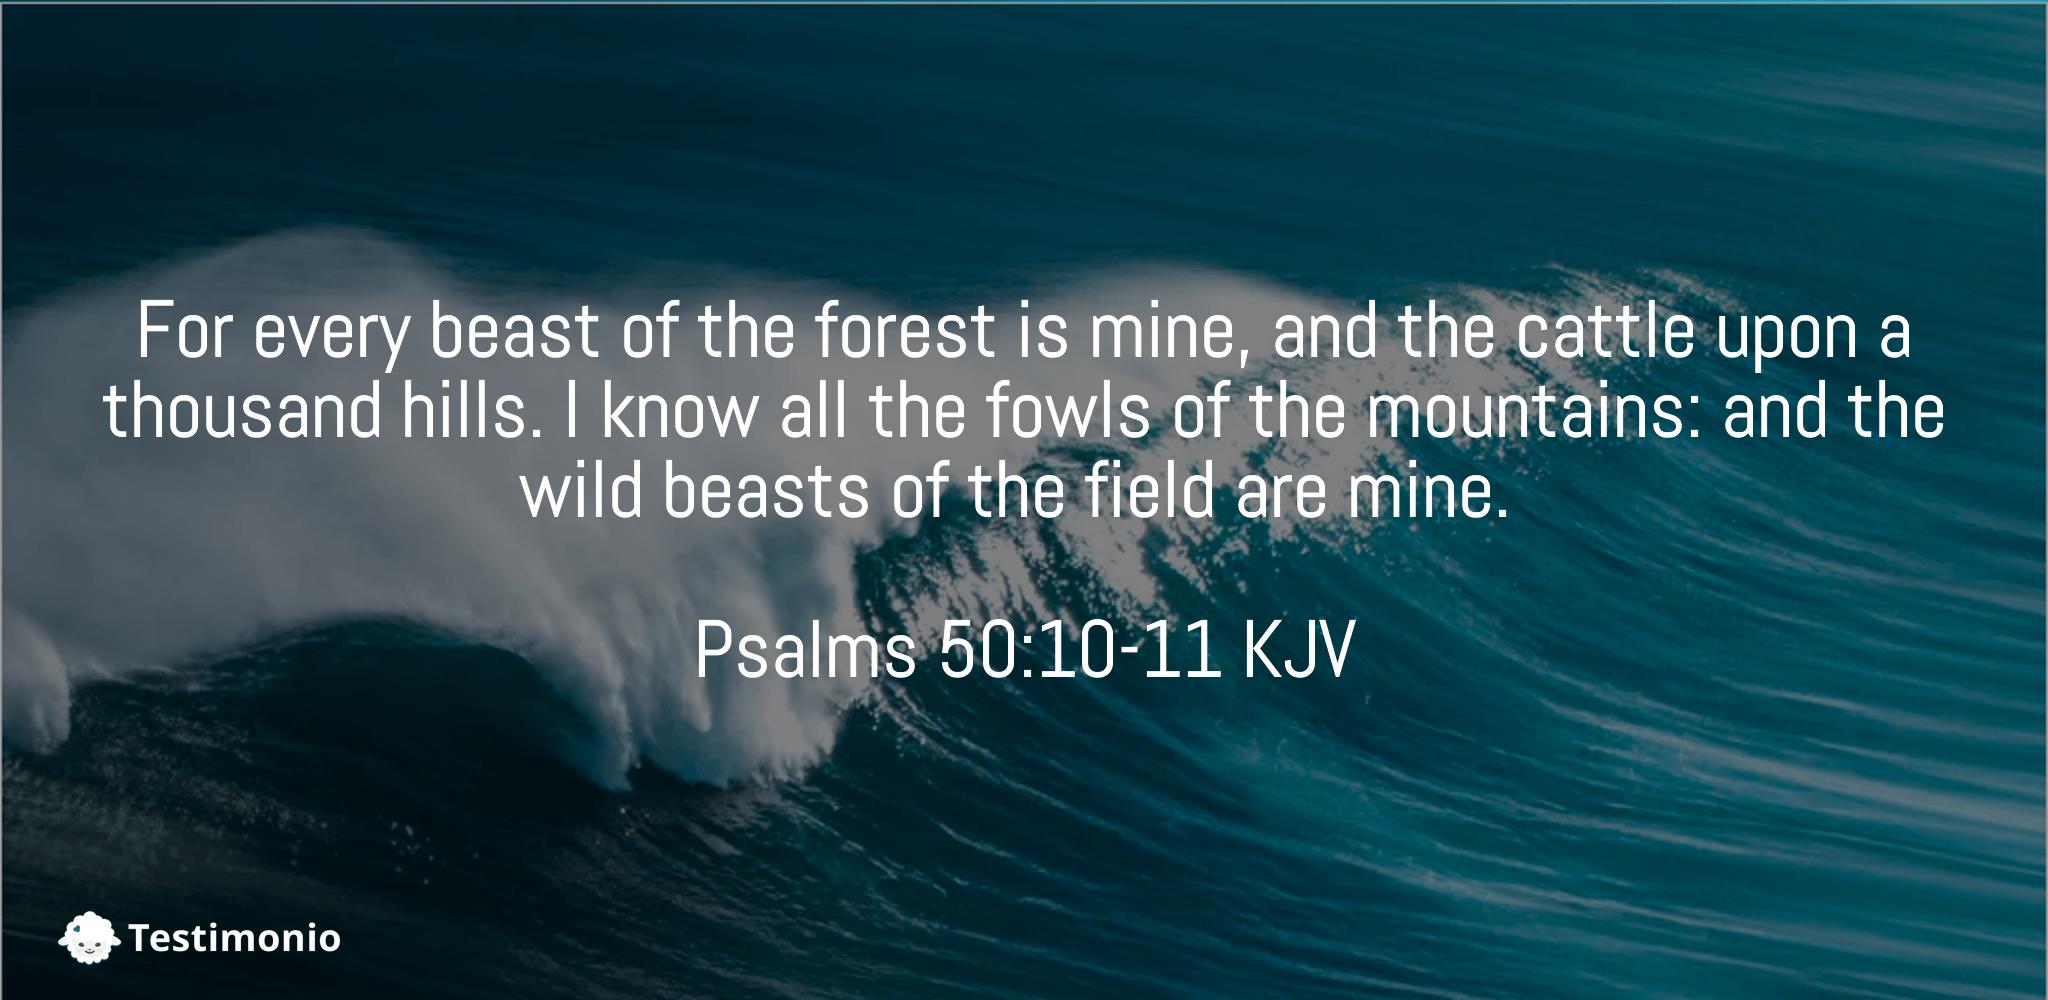 Psalms 50:10-11